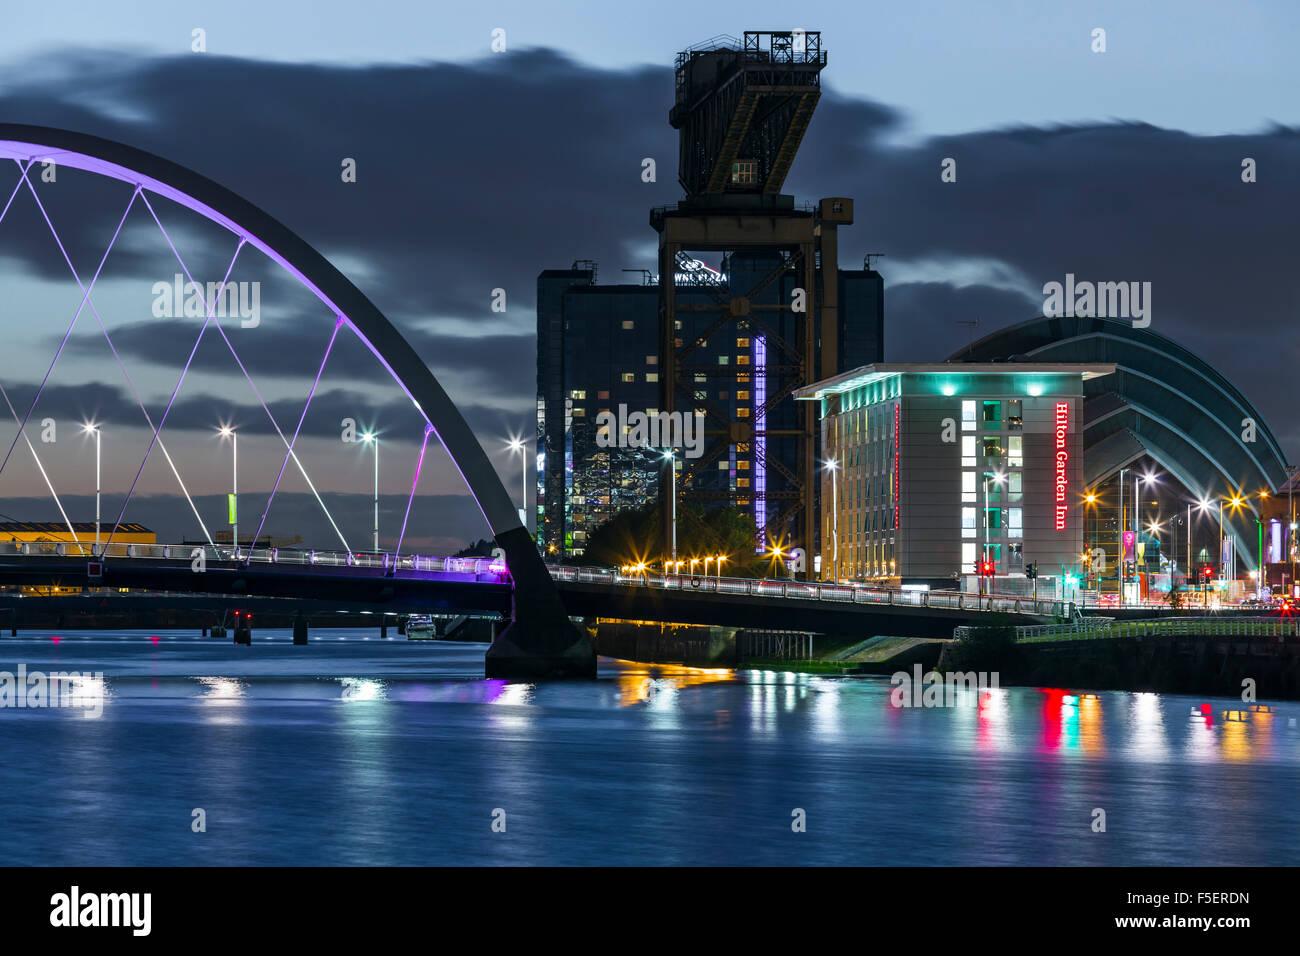 Glasgow au crépuscule, le front de mer de Finnieston à côté de la rivière Clyde, Écosse, Royaume-Uni Banque D'Images